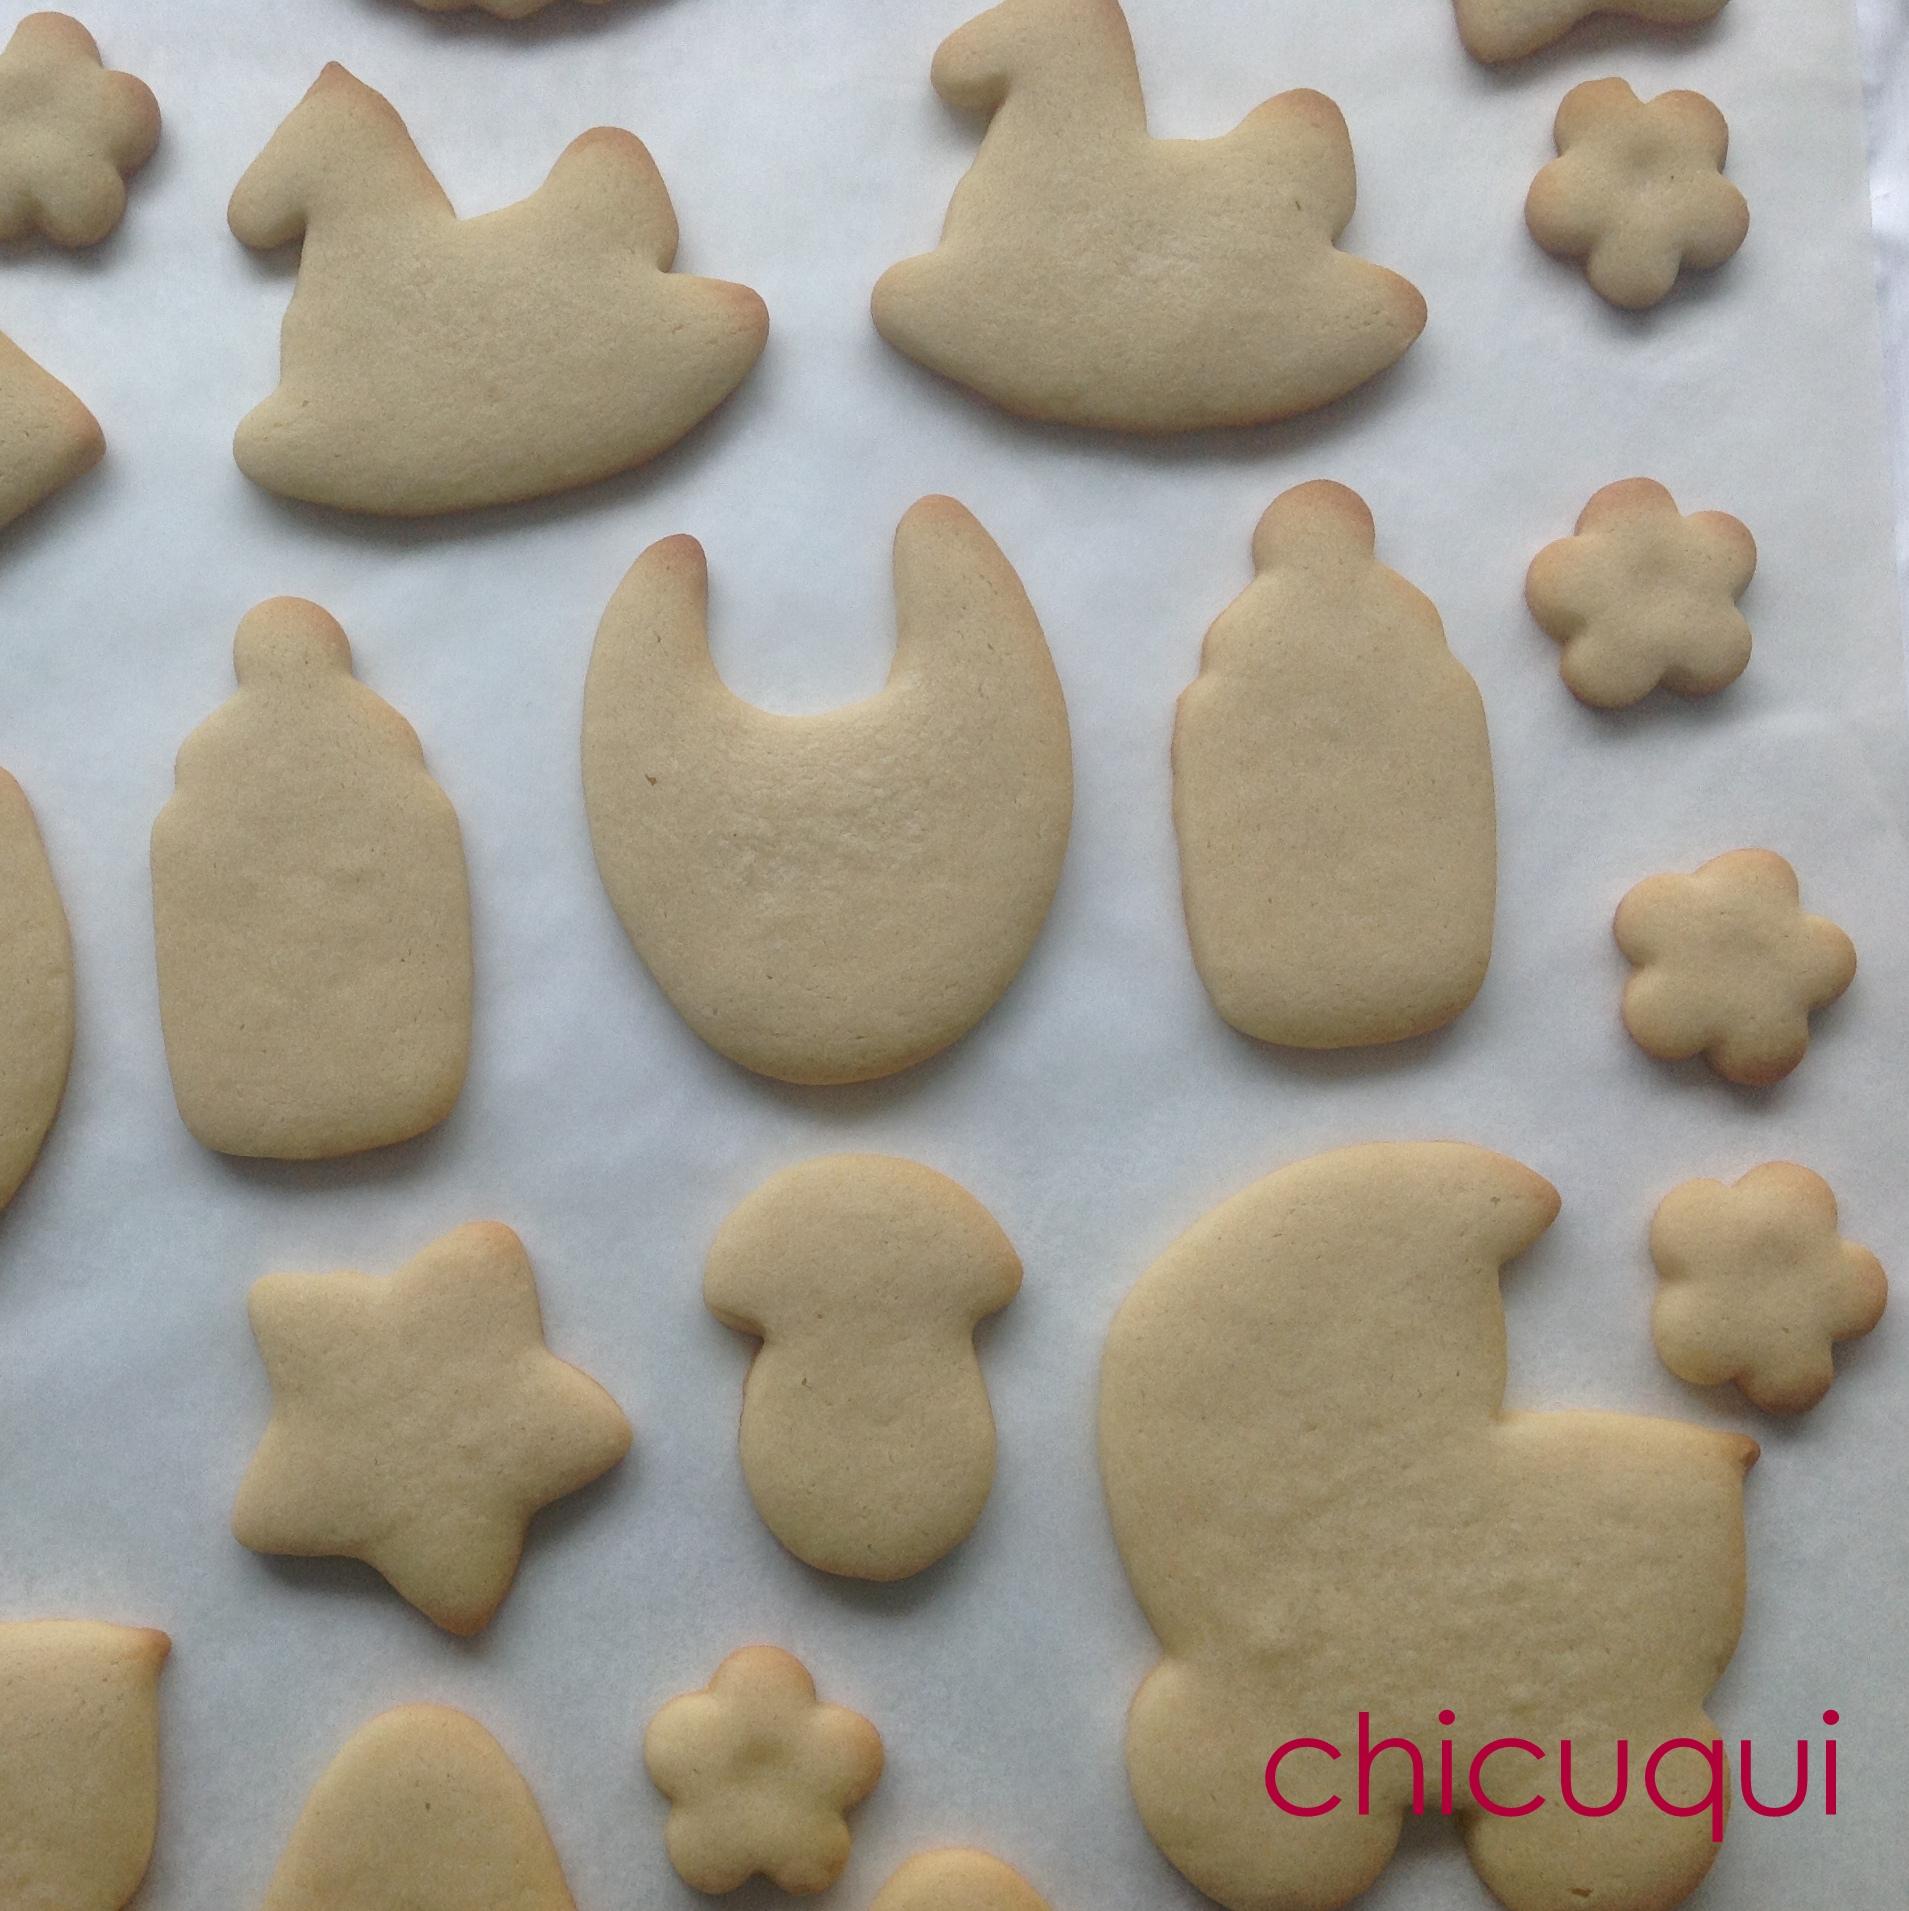 Trucos y consejos para decorar galletas